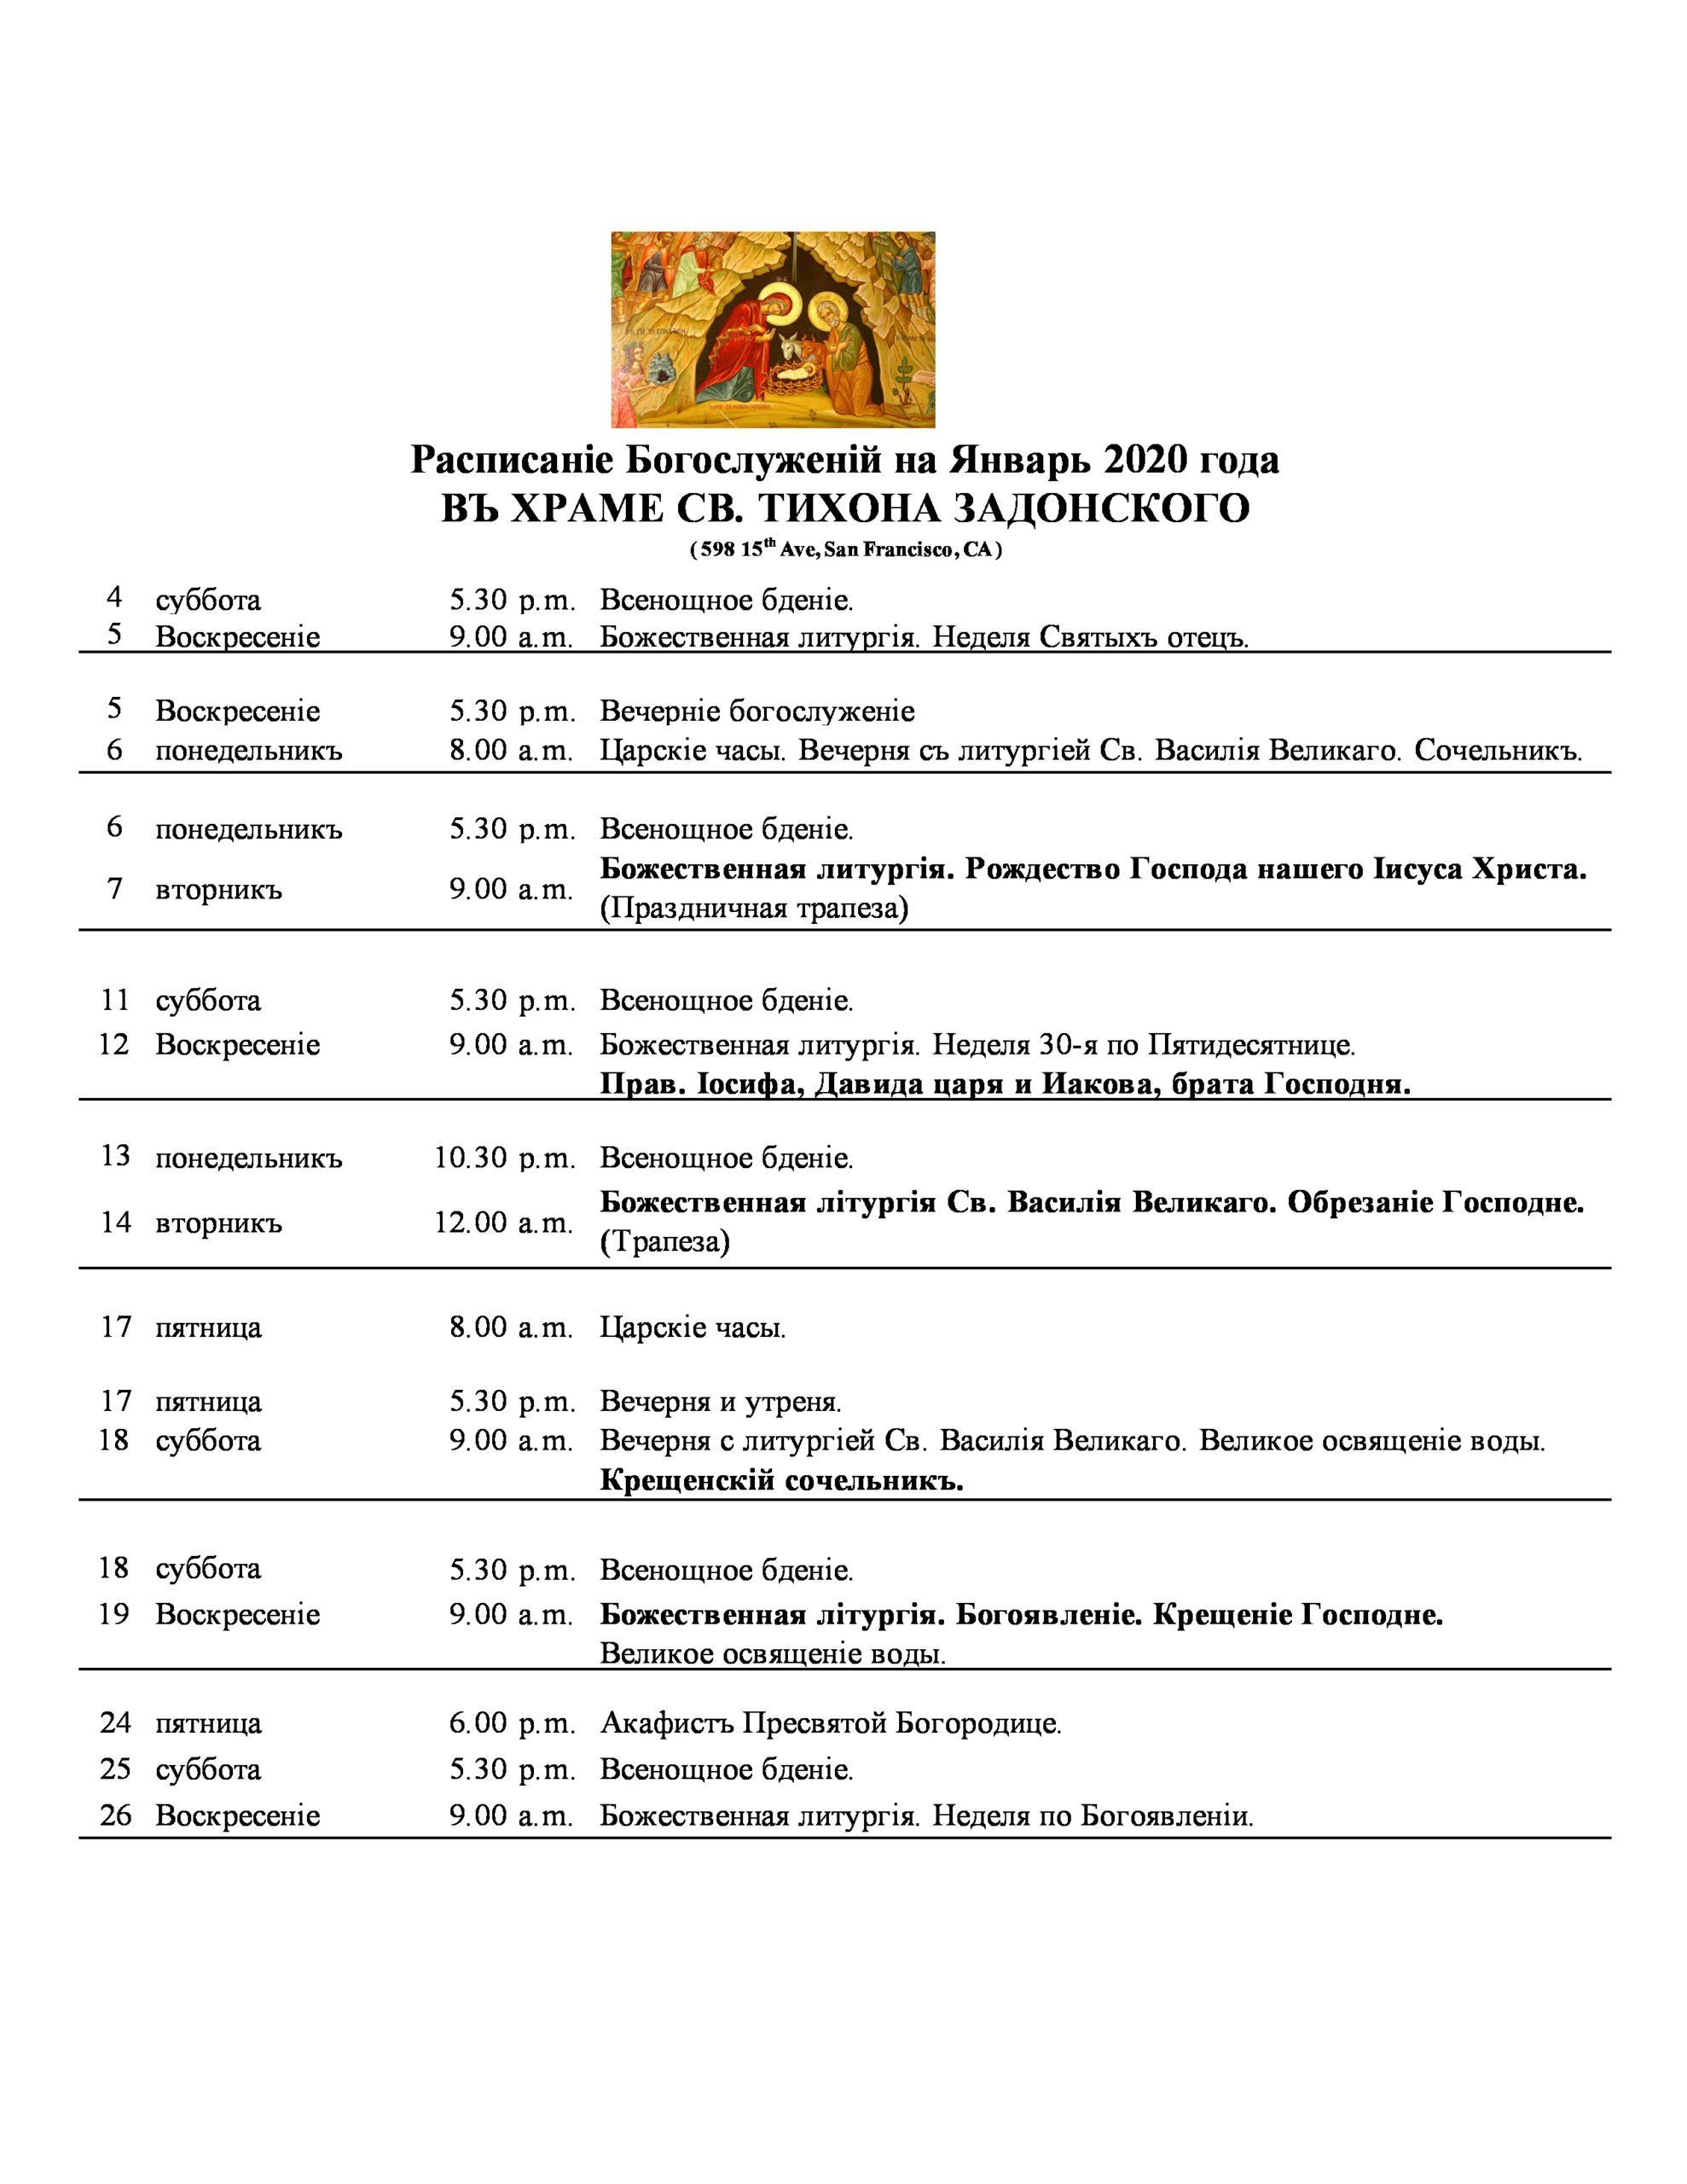 Schedule_Jan__2020_rus_Final